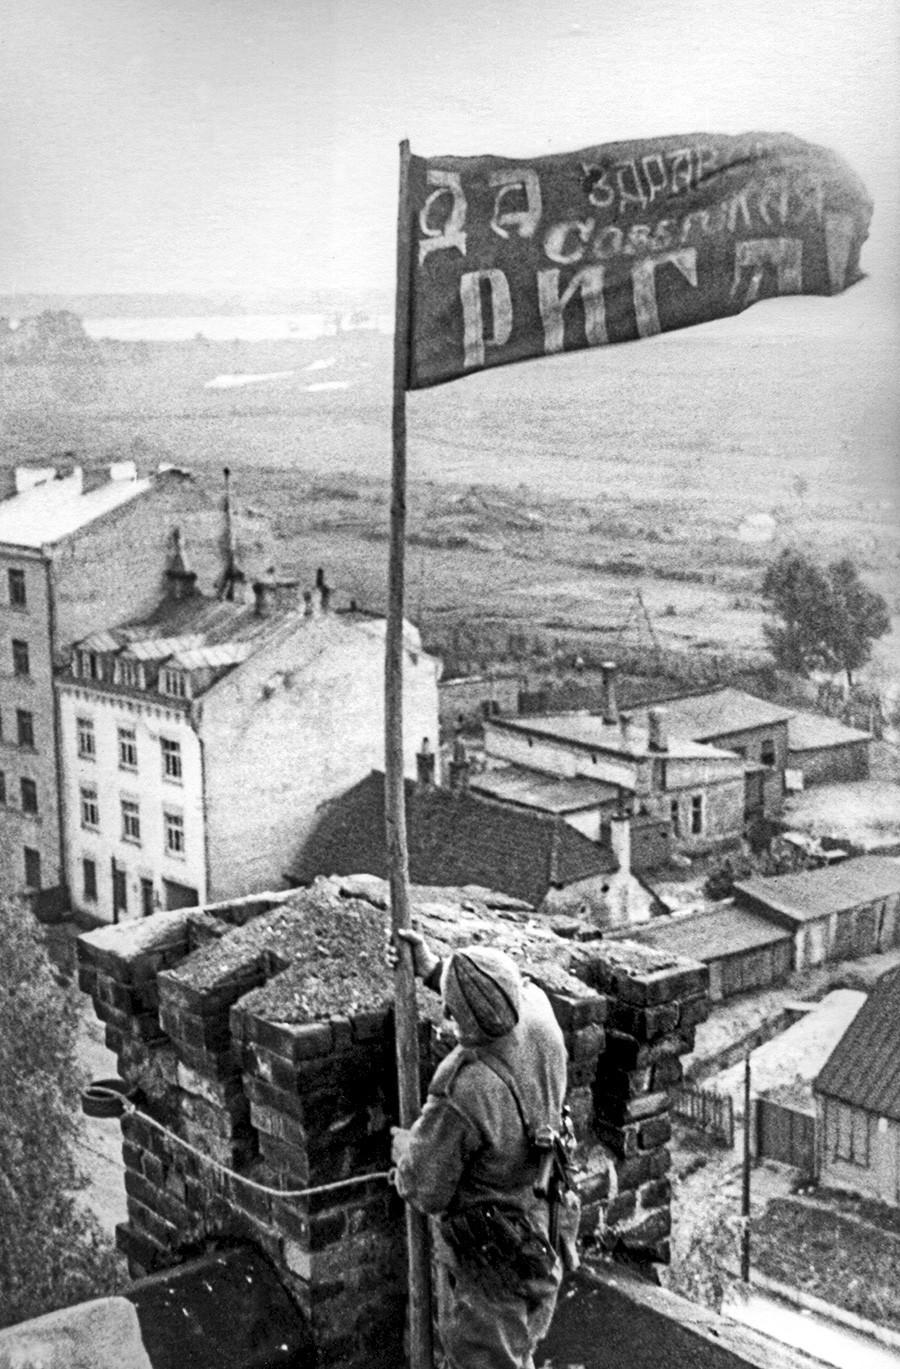 Рига, Летонска ССР, СССР. Војник истиче црвену заставу над градом након његовог ослобађања од немачко-фашистичких освајача током Другог светског рата.